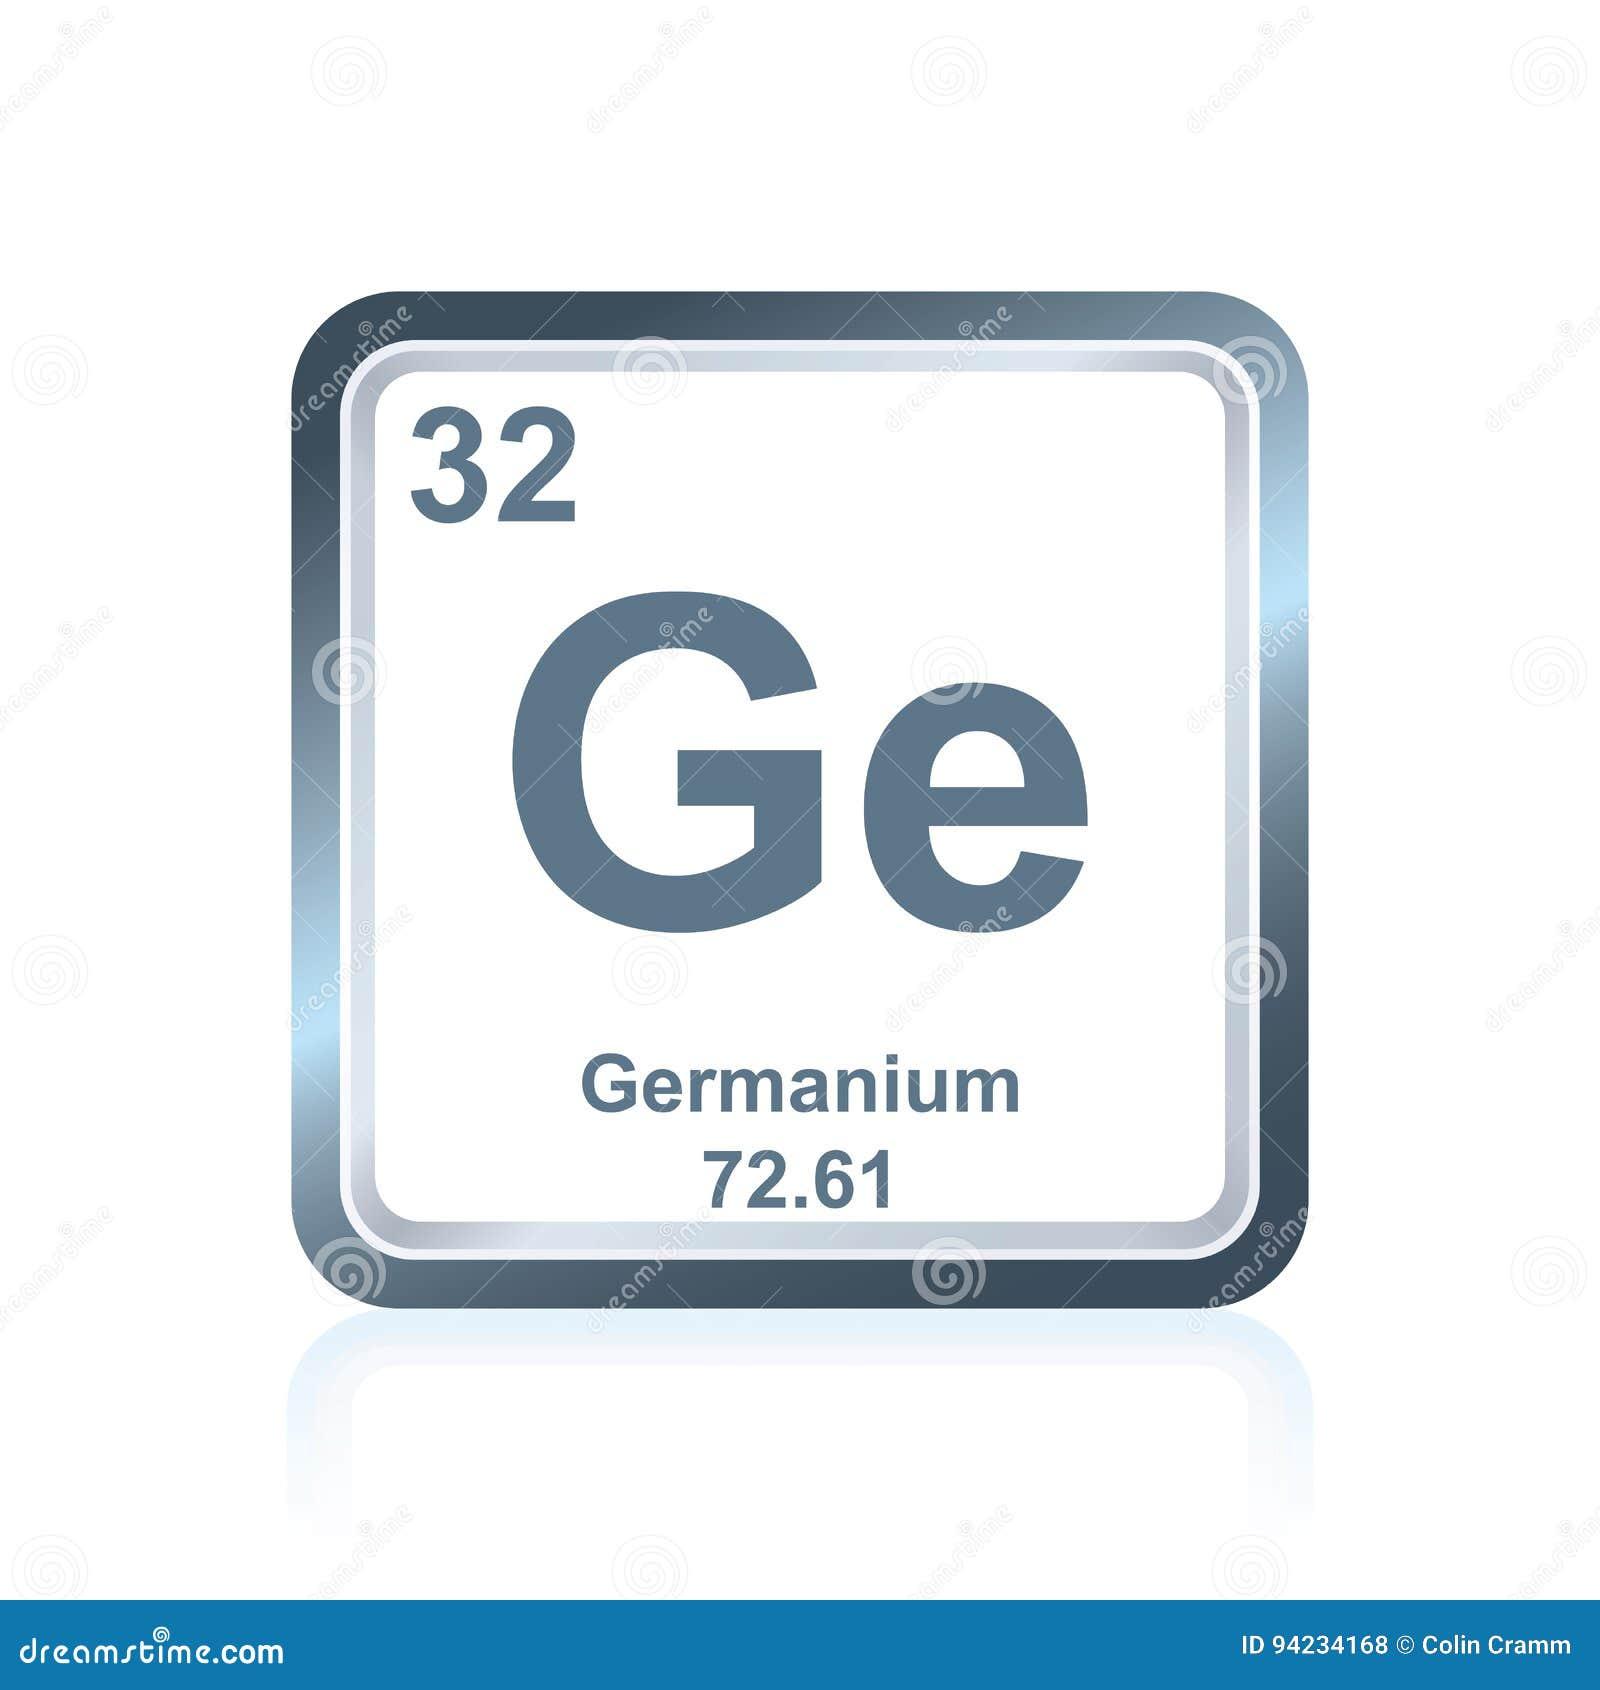 Germanio del elemento qumico de la tabla peridica stock de download germanio del elemento qumico de la tabla peridica stock de ilustracin ilustracin de tomo urtaz Gallery